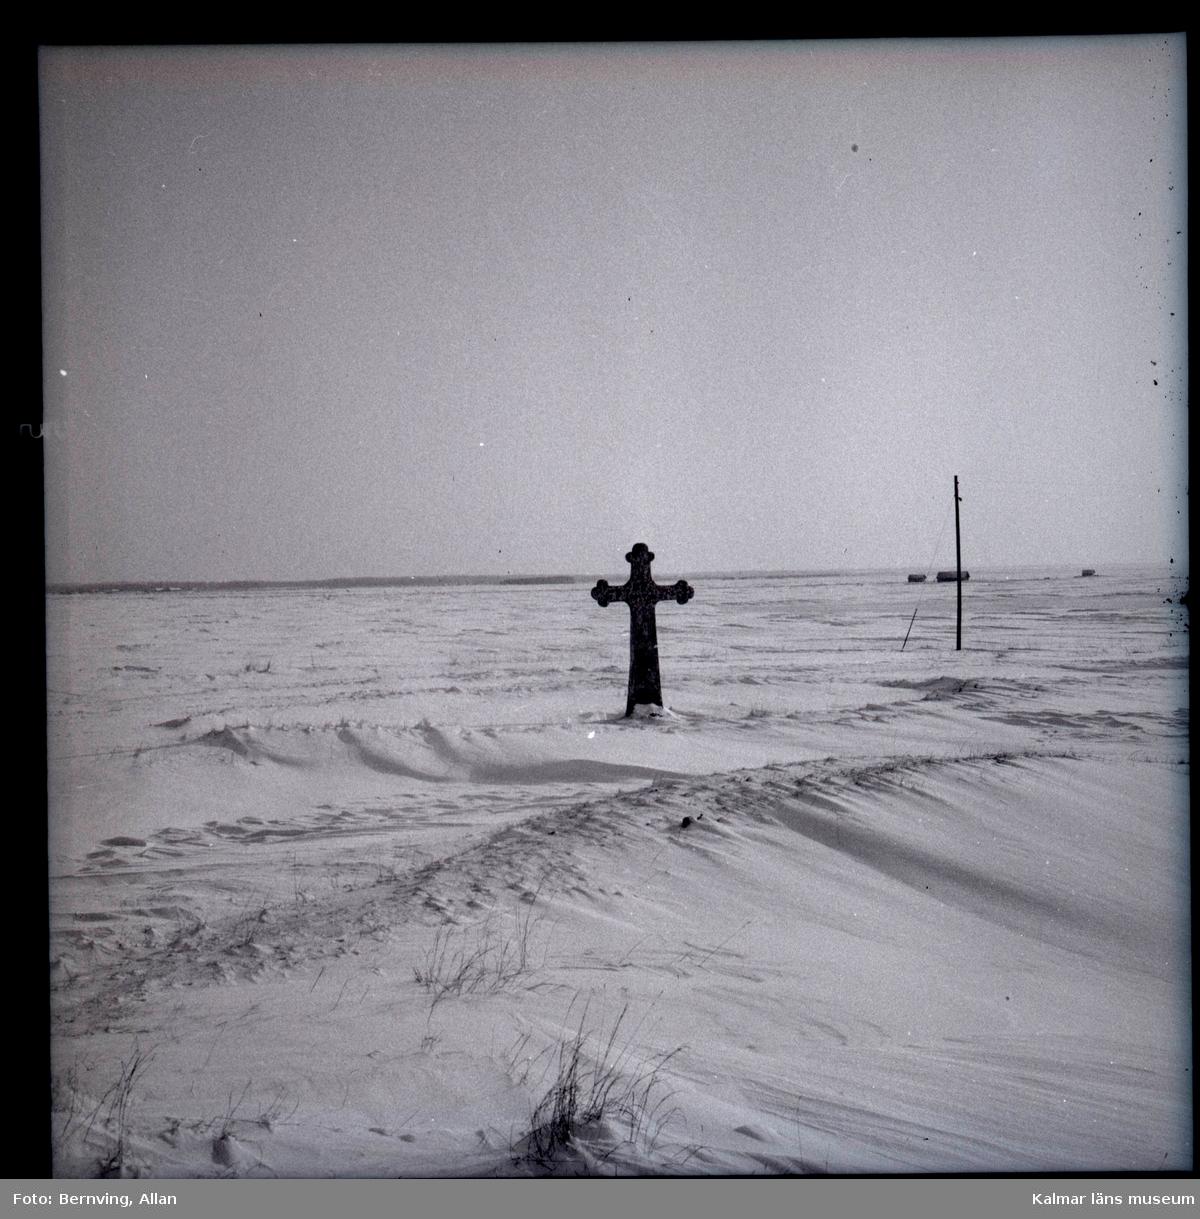 Mellan Sankta Birgittas kapell och stranden vid kapelludden finns ett stenkors, drygt 3 meter högt och 1,9 meter brett med klöverformade korsändar och en mjuk vulst längs kanten. Ett hål finns i korsmittens ena sida där det omtalas att en krok med en offerbössa hängt. Troligen är korset rest under 1200-talet. Det omges av en ringformig vall, tolv meter i diameter som undersöktes 1978. Den visade sig innehålla en kalkbruksfogad stabil mur med ingångar i norr och söder. Dess funktion är inte klarlagd. Källa Länsstyrelsen Kalmar län.